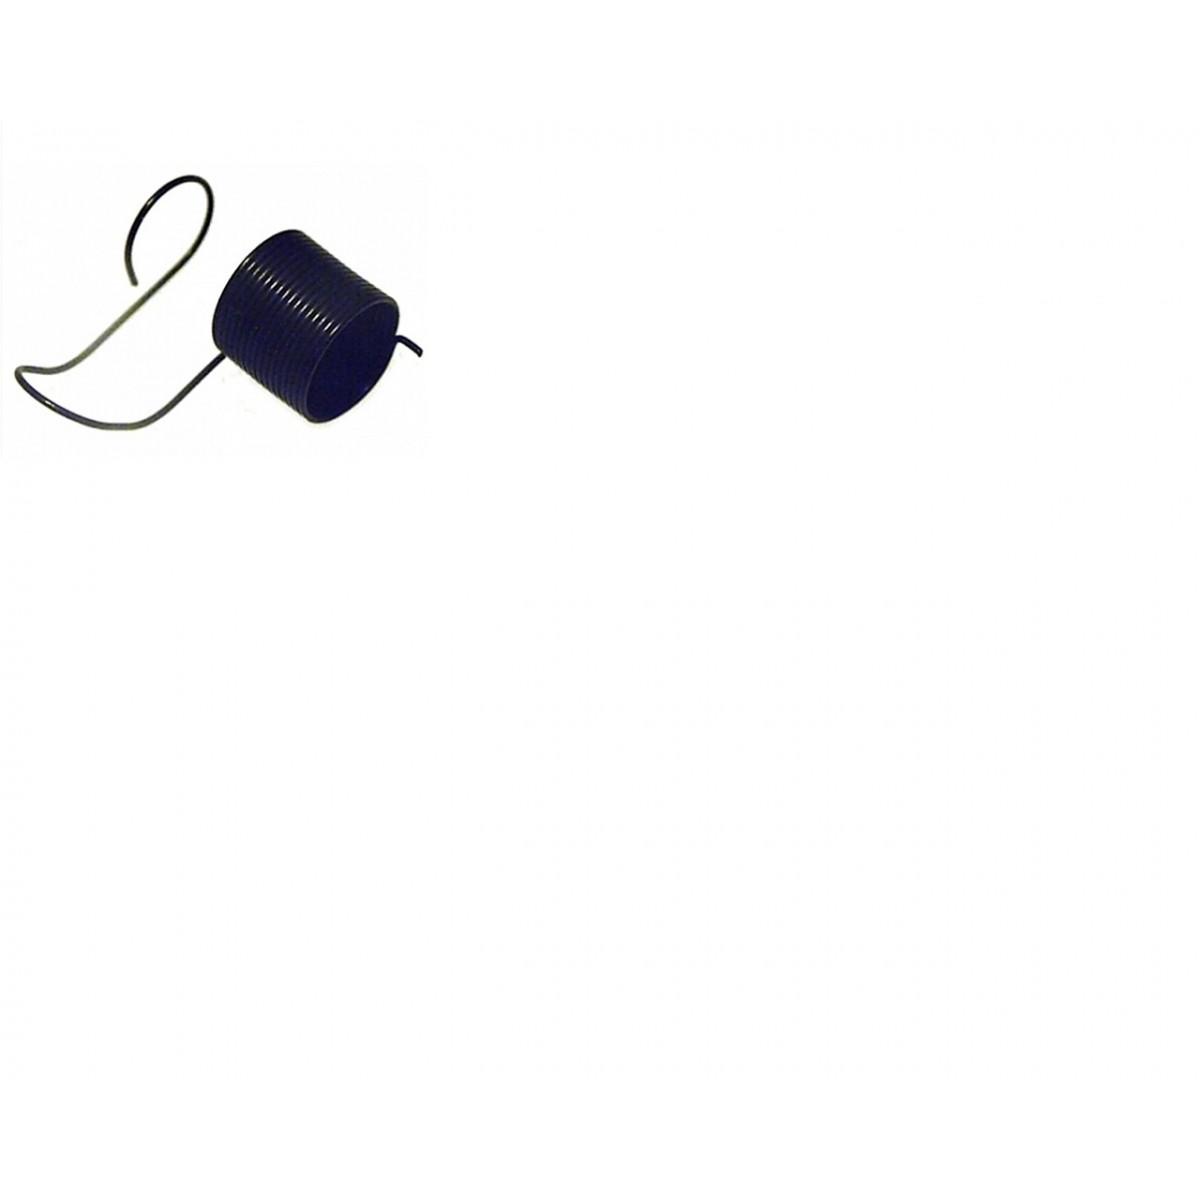 Mola de Tensão Esquerda para Pespontadeira Juki LH1150/60/70 B3128-527-000